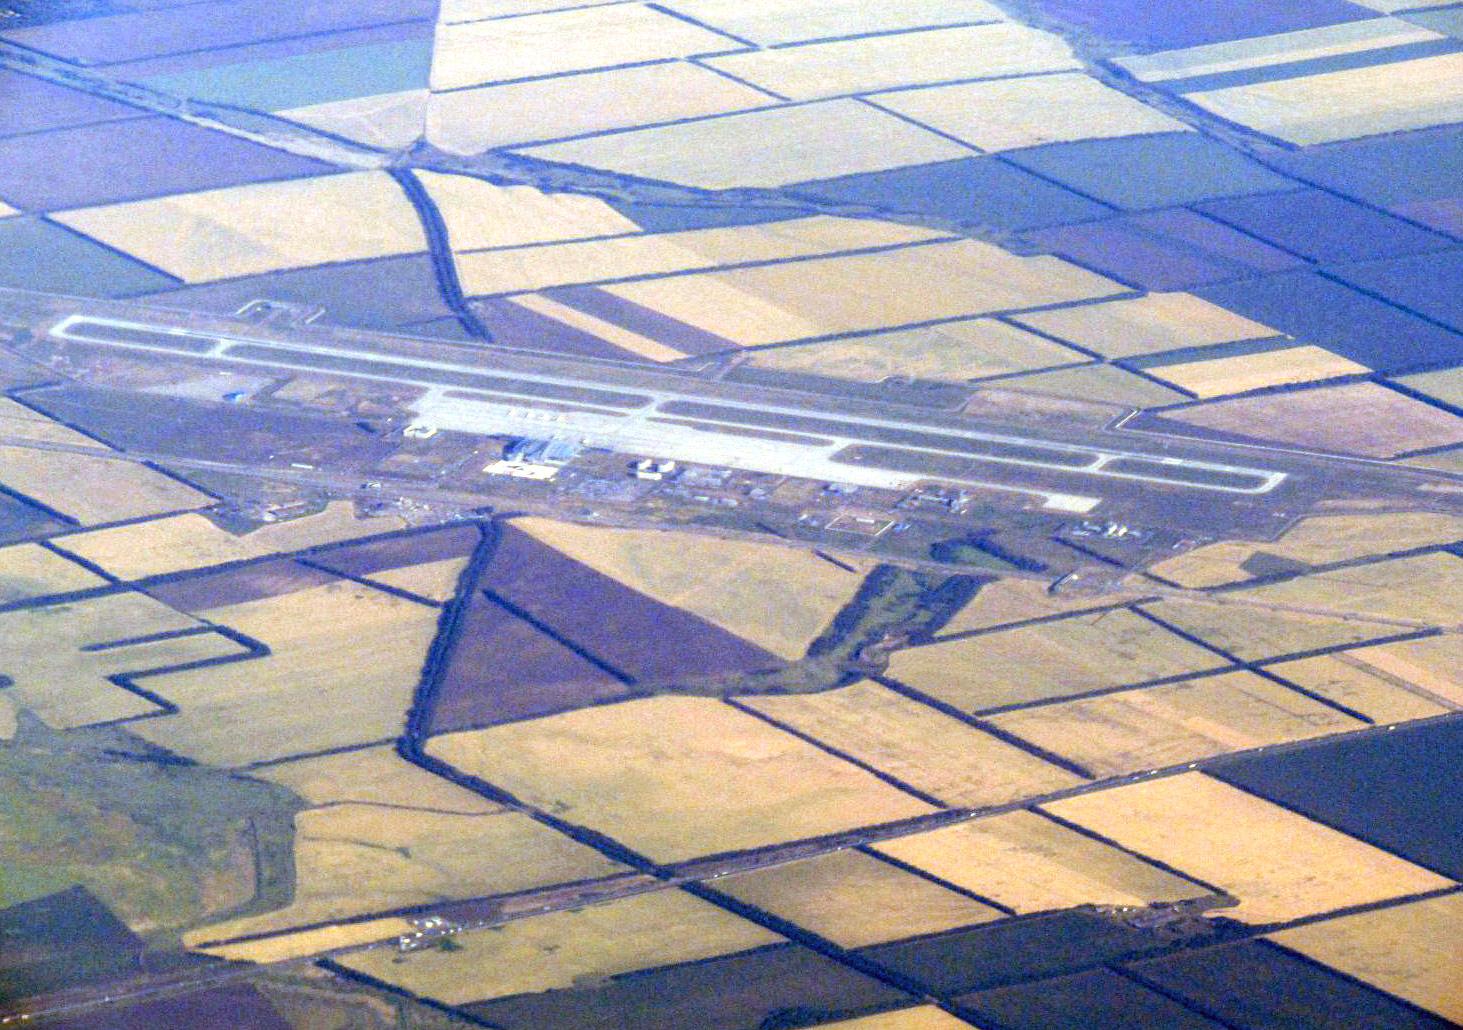 Вид сверху на аэропорт Ростов-на-Дону Платов